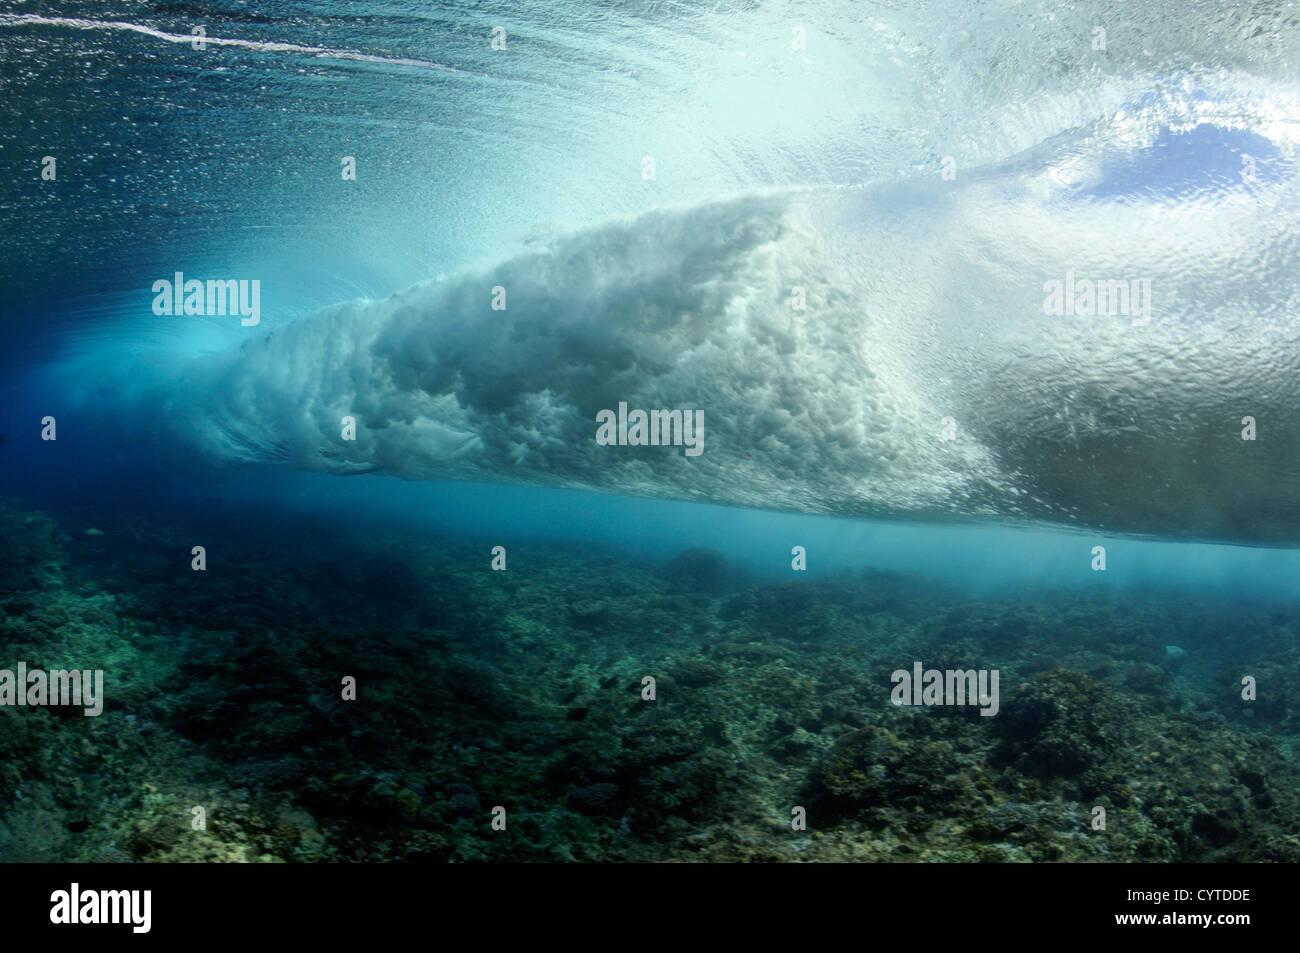 Déferlement des vagues sur le récif, vue de dessous la surface, Palikir, Pohnpei, États fédérés Photo Stock